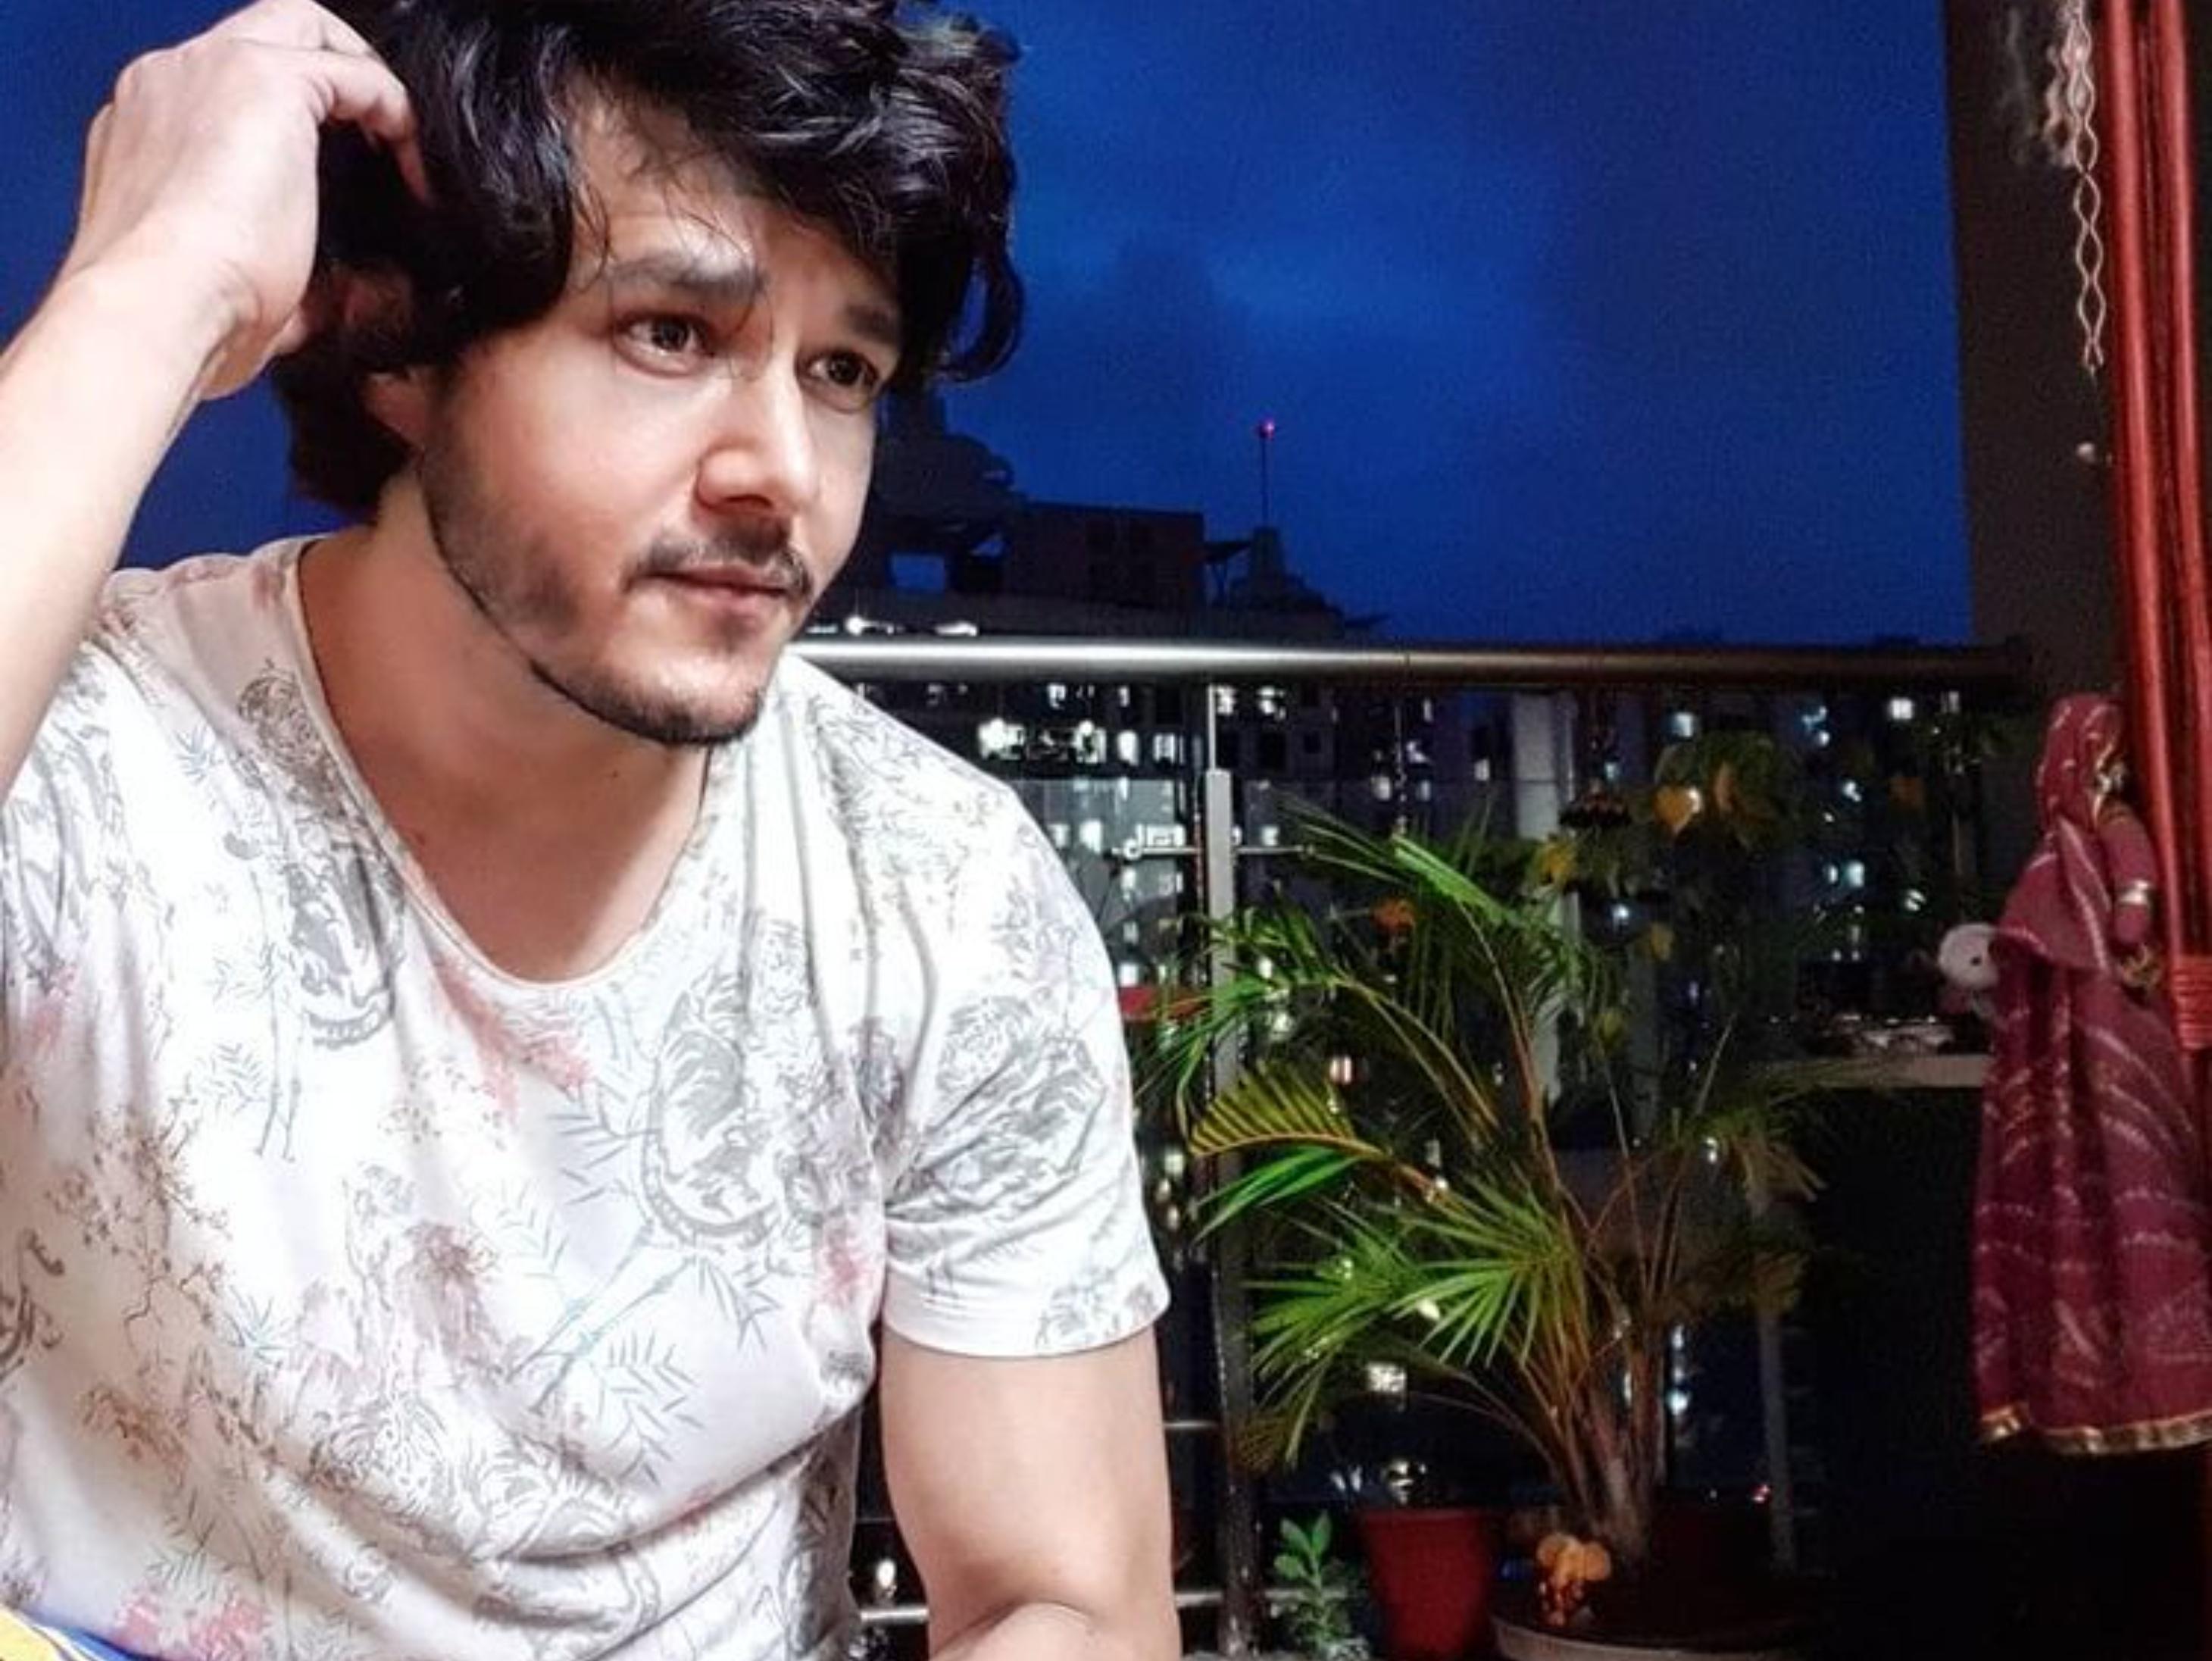 22 दिन से हॉस्पिटलाइज हैं अनिरुद्ध दवे, 14 दिन बाद आईसीयू से बाहर आकर लिखा- 85% इन्फेक्शन हुआ है वक्त लगेगा बॉलीवुड,Bollywood - Dainik Bhaskar